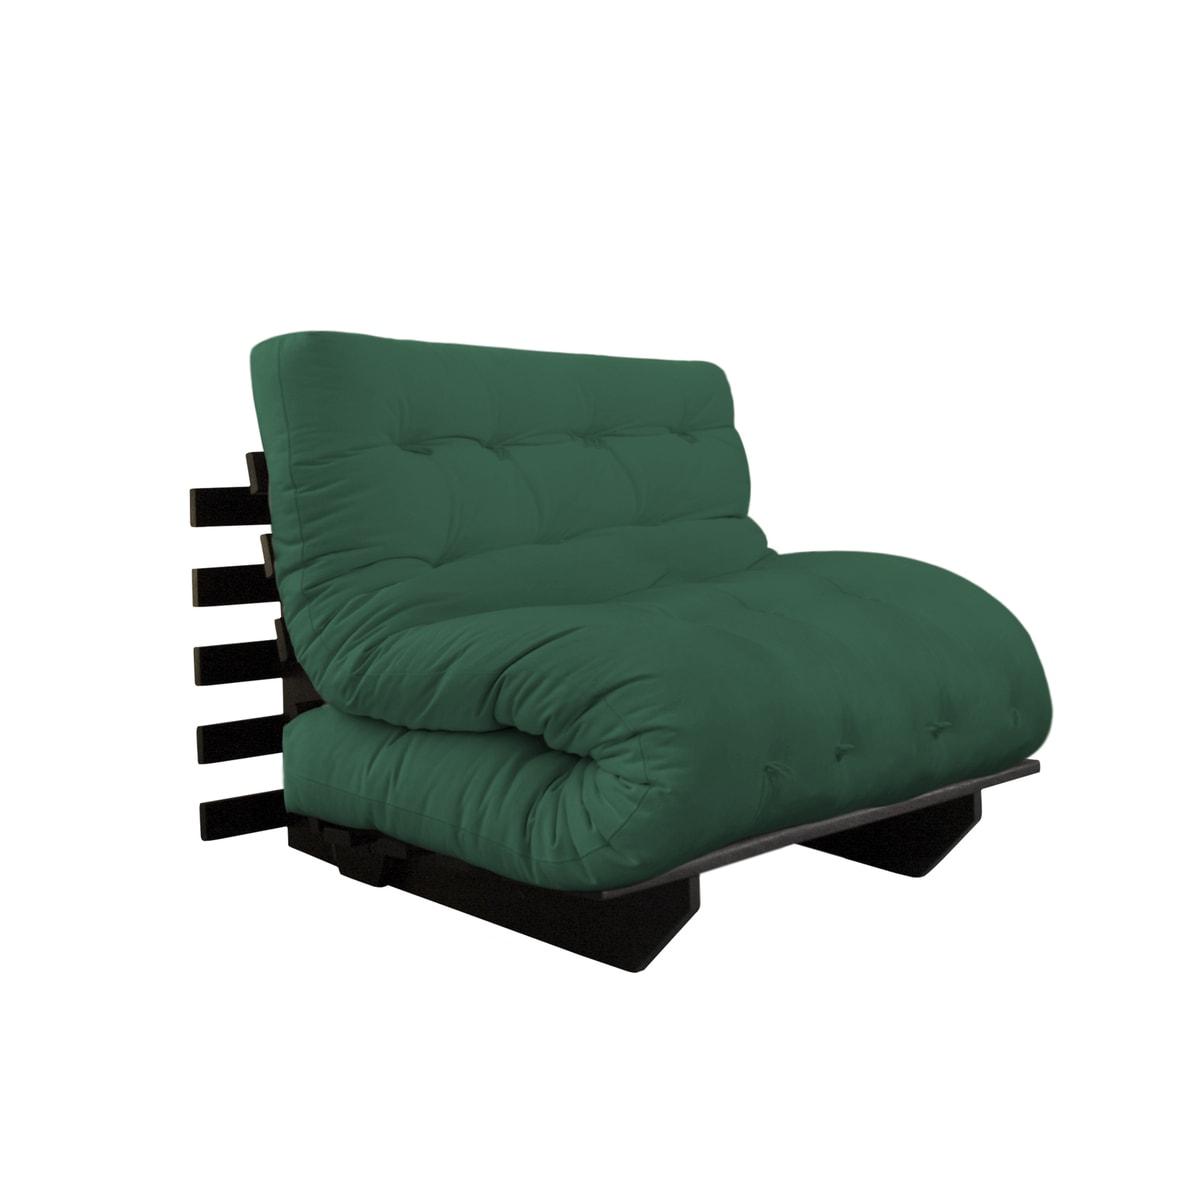 sofa-cama Relax 110 Sarja Samambaia 02